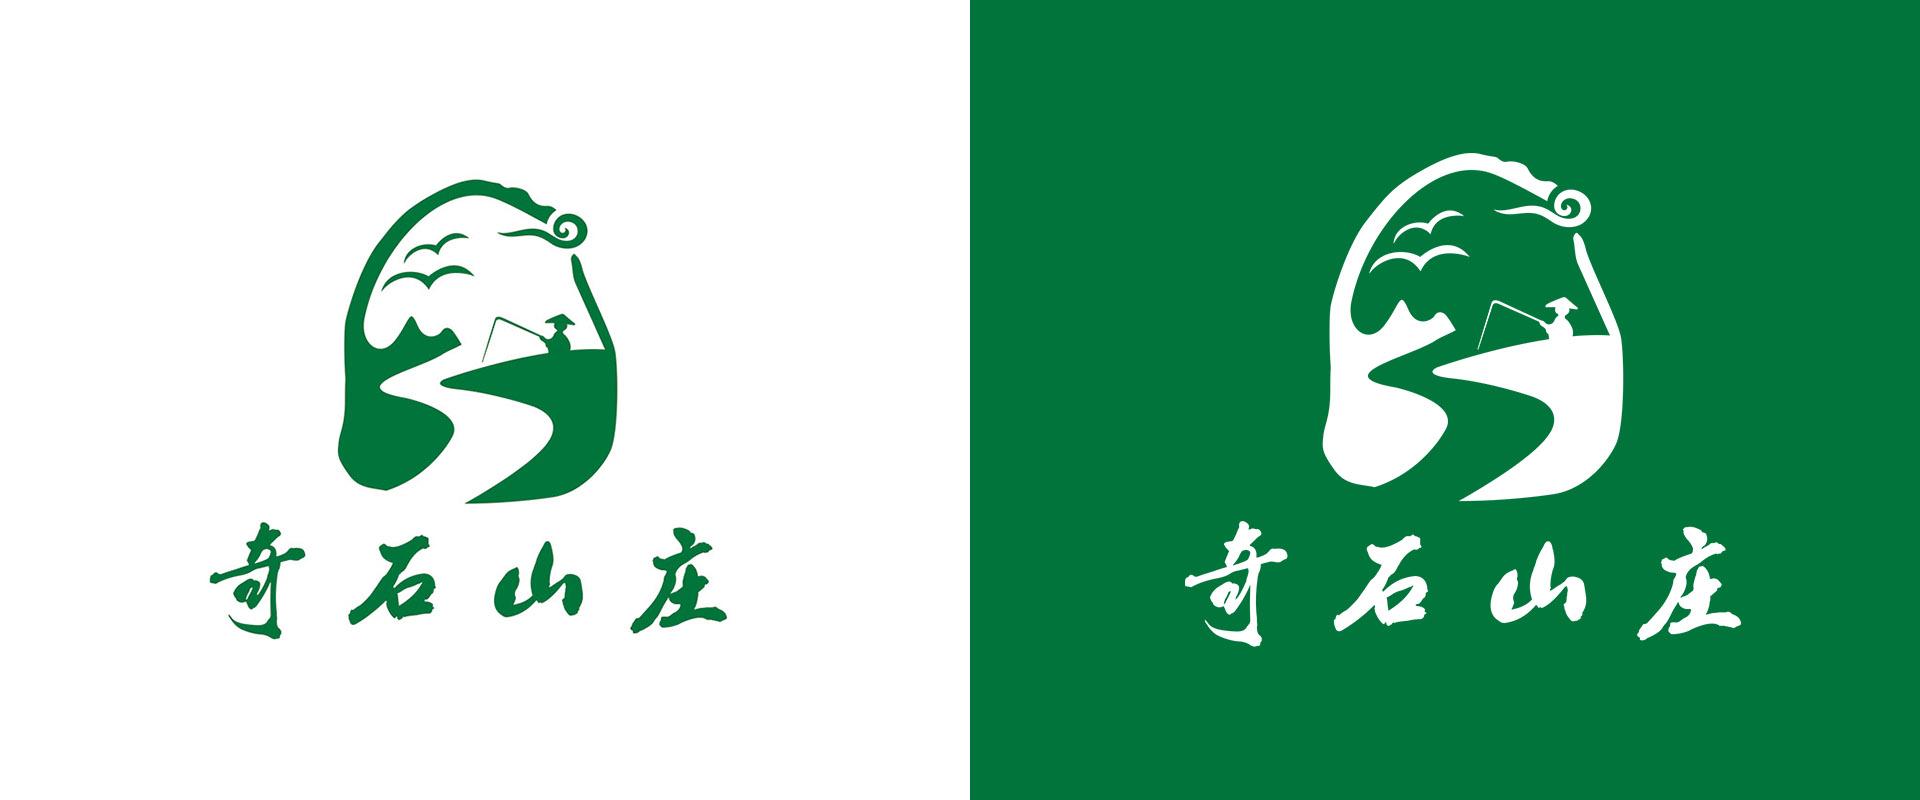 深圳VI设计-1